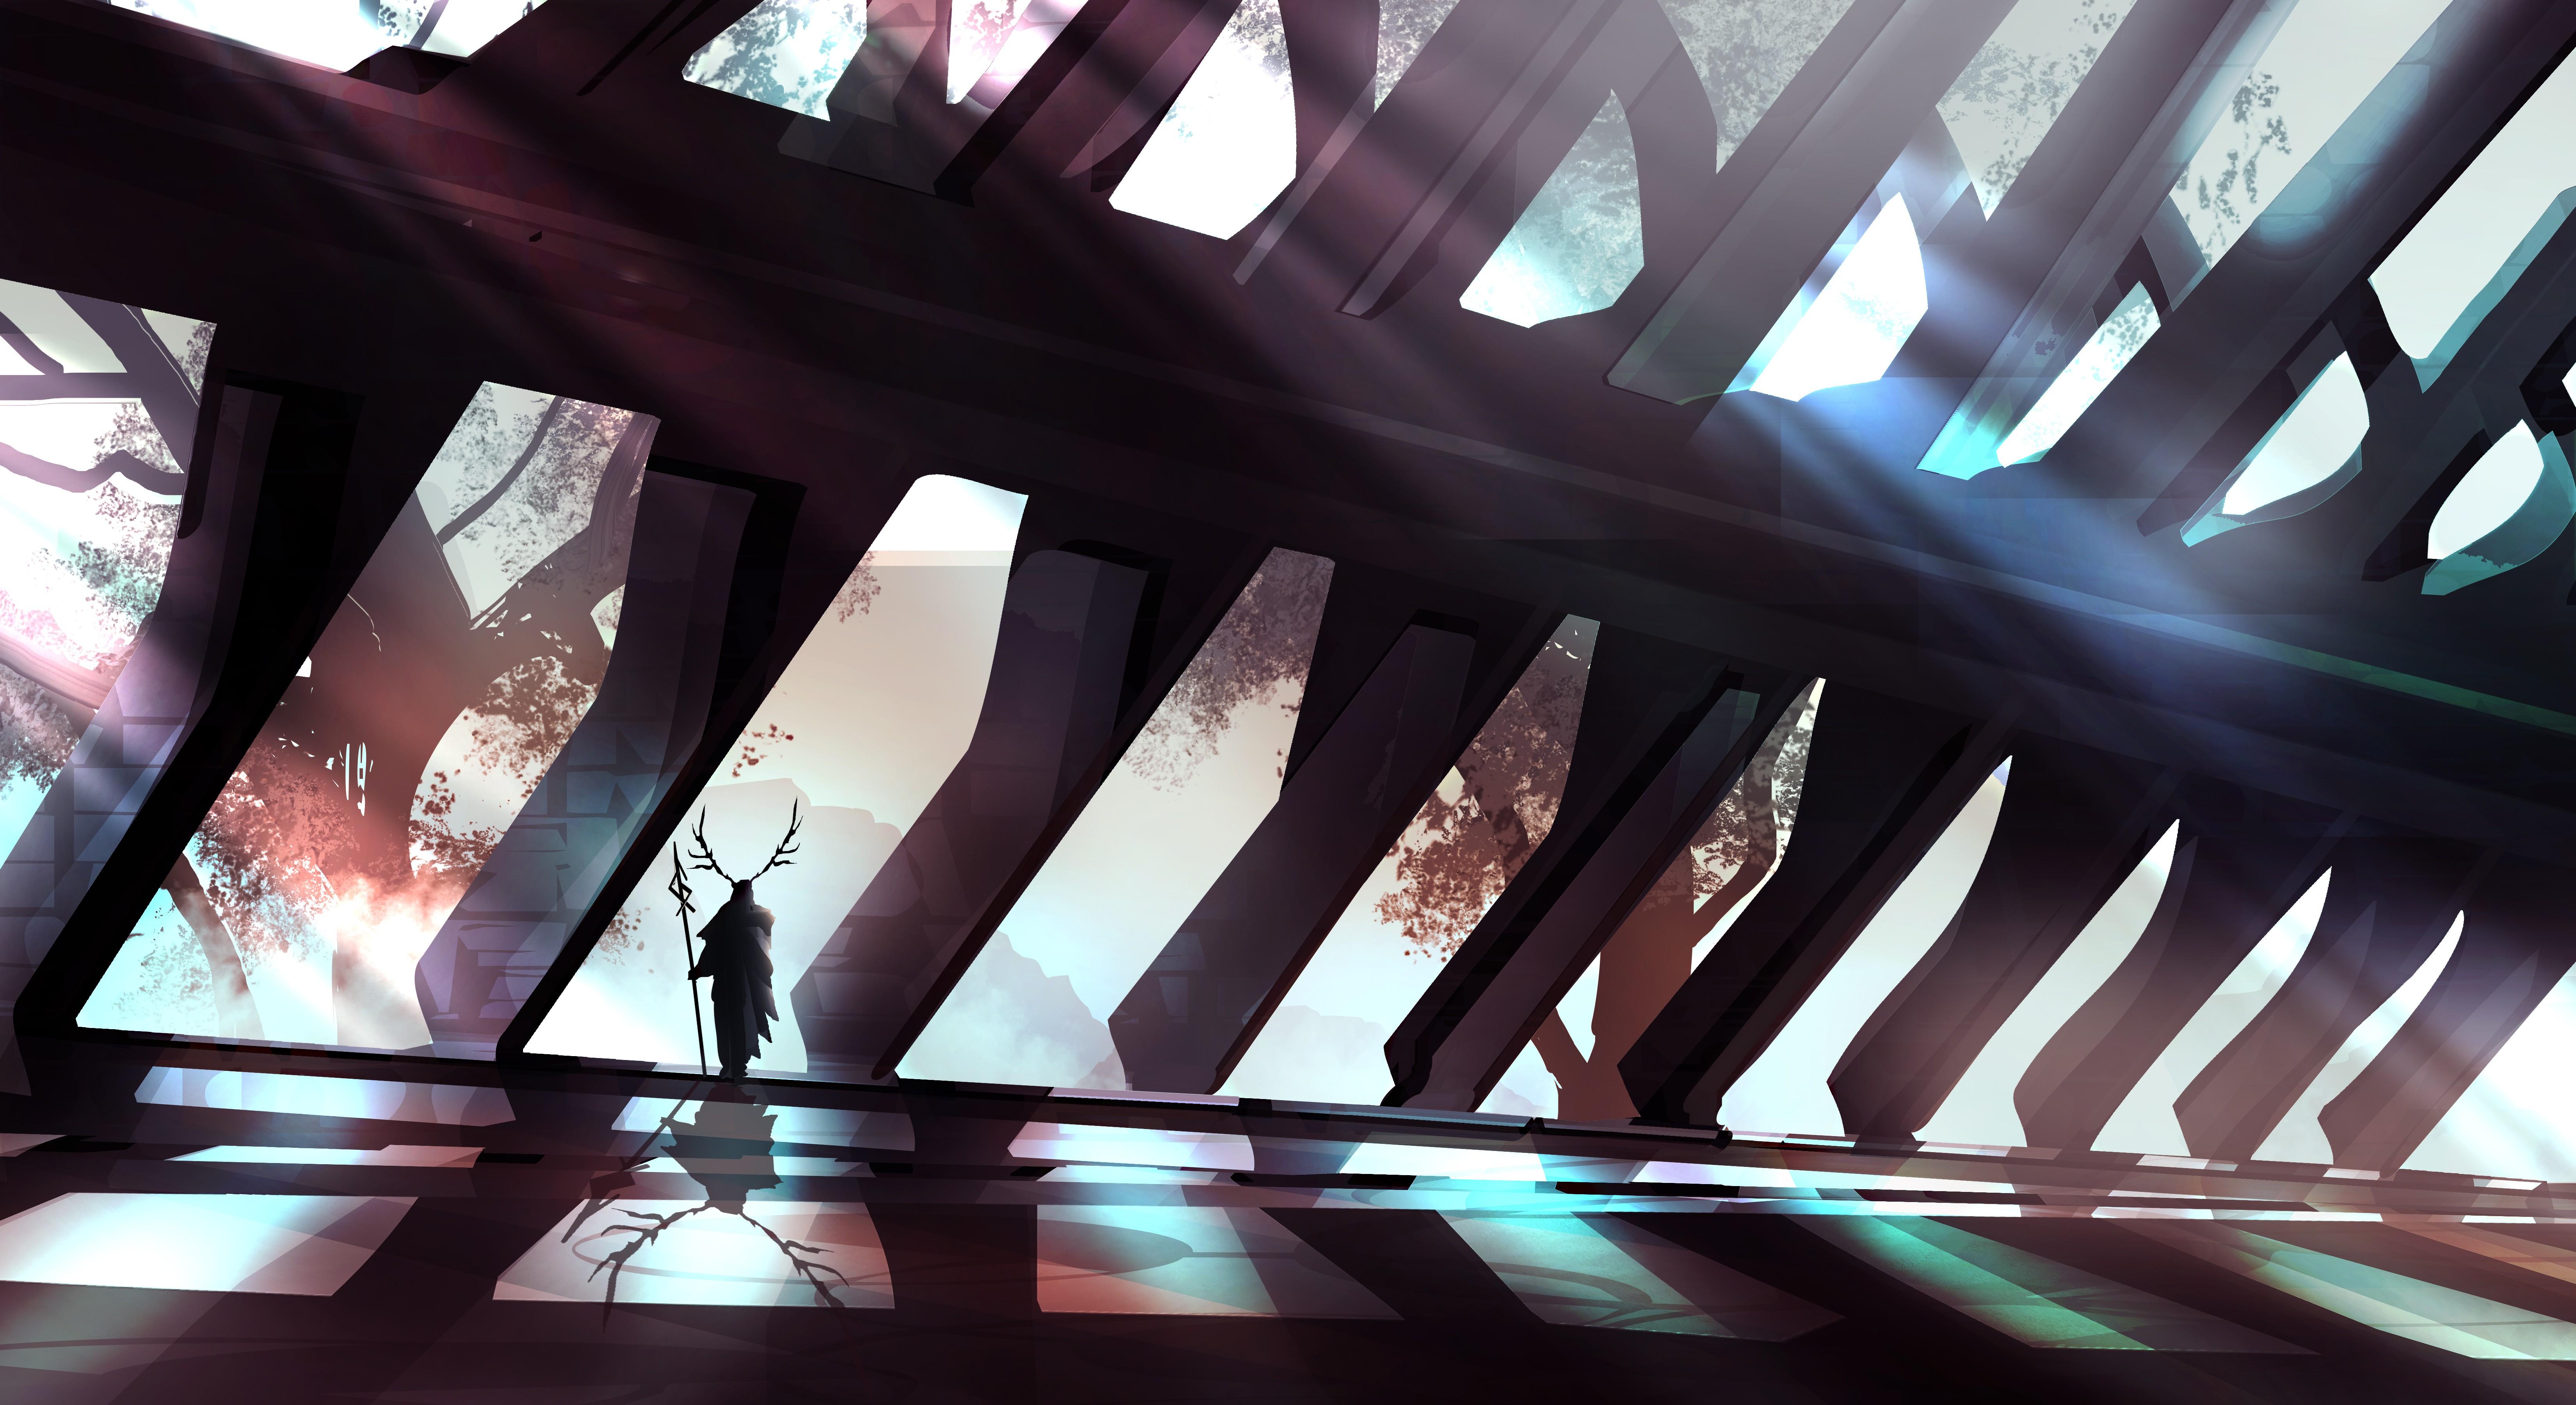 Sfondi : fantasy art elfi interior design corna leggero colore